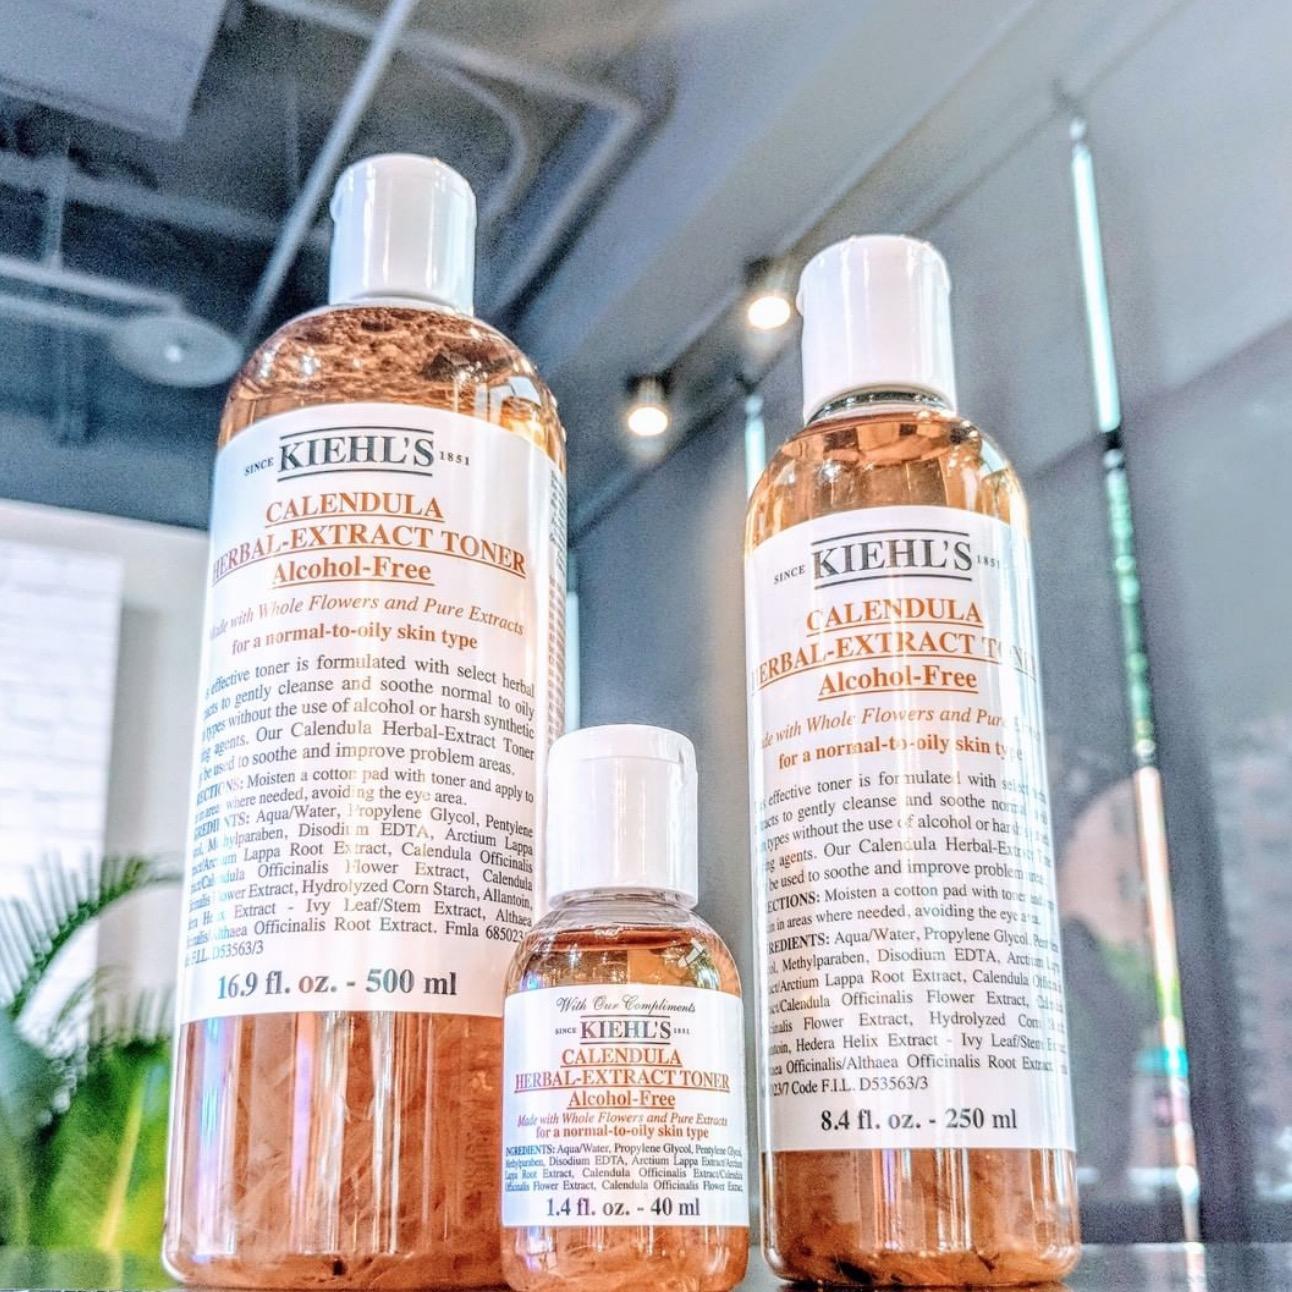 契爾氏熱銷50年的明星化妝水,溫和不含酒精,敏感肌也適用!